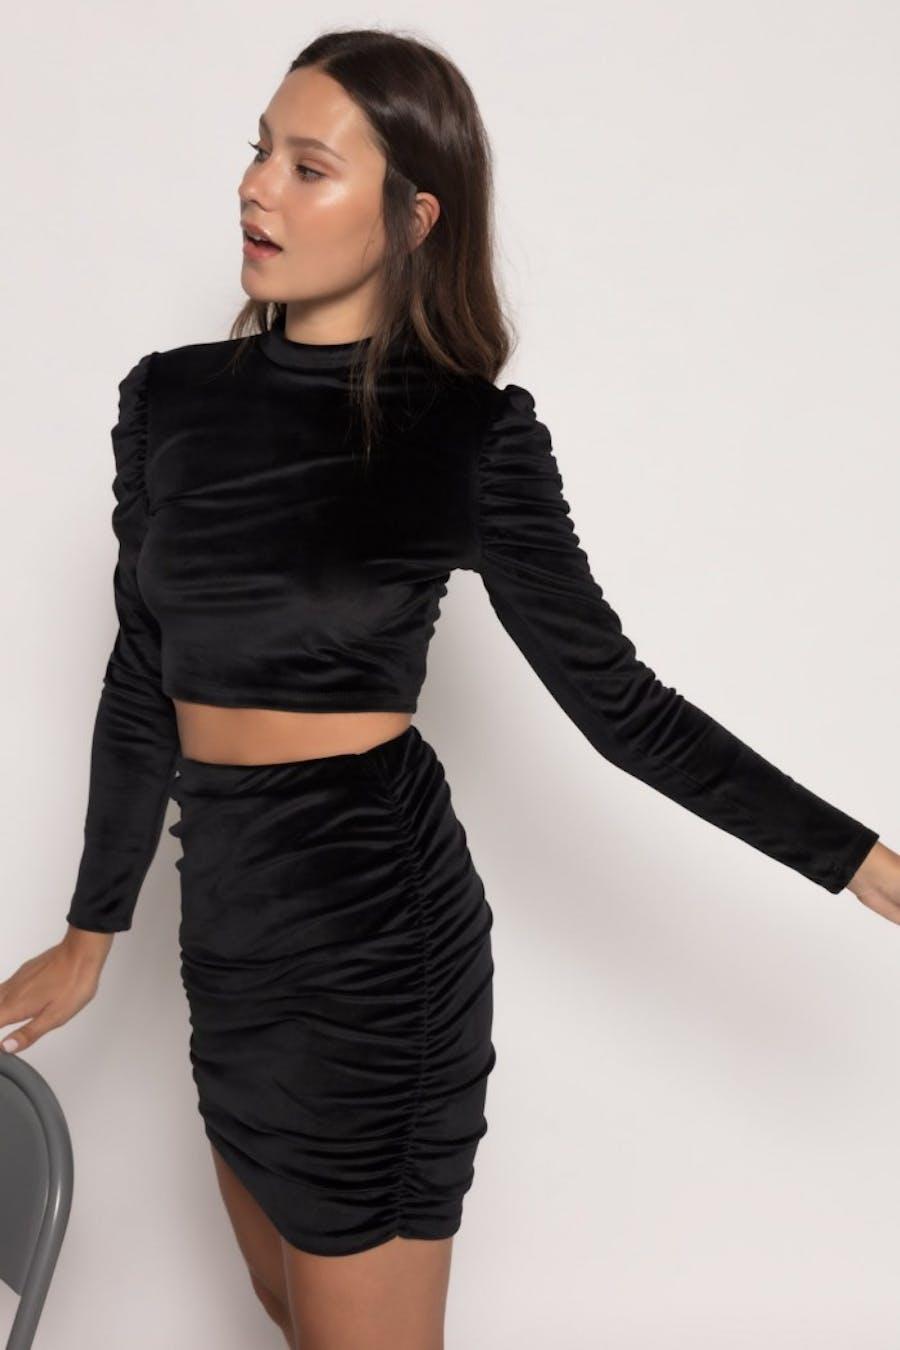 Camiseta Cassual cropped textura Negro